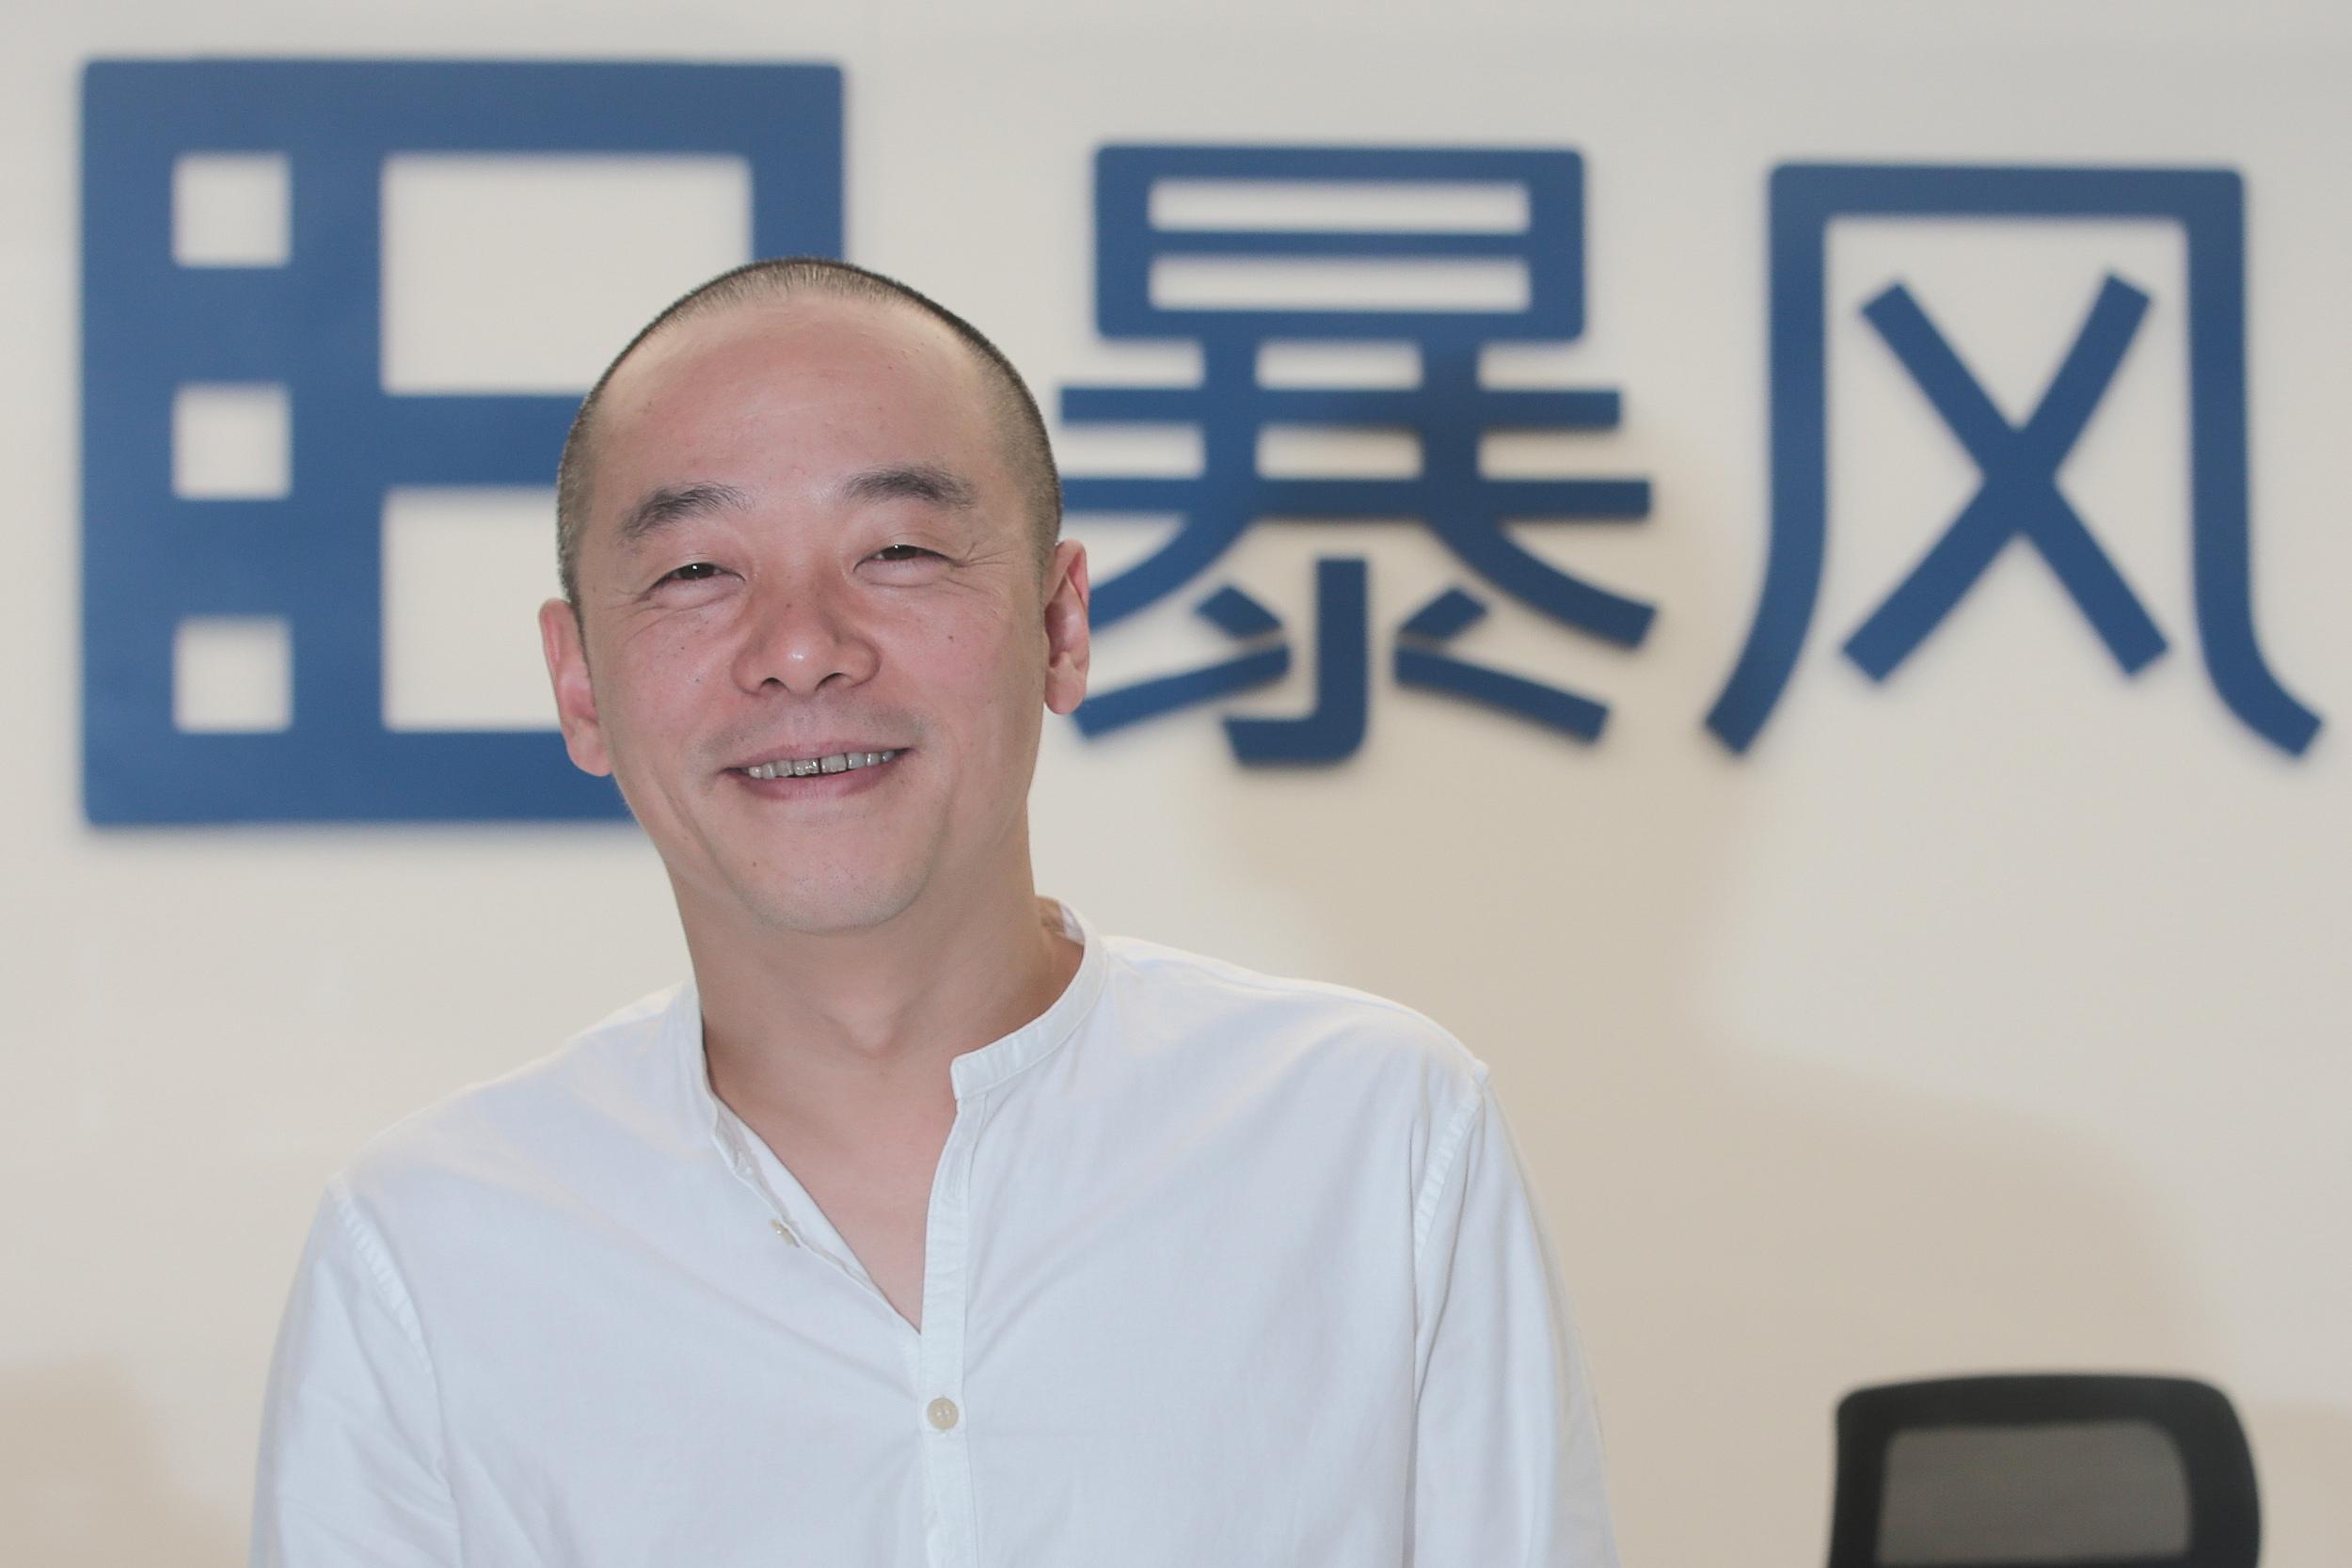 深交所对暴风集团下发关注函 要求说明冯鑫事件原因